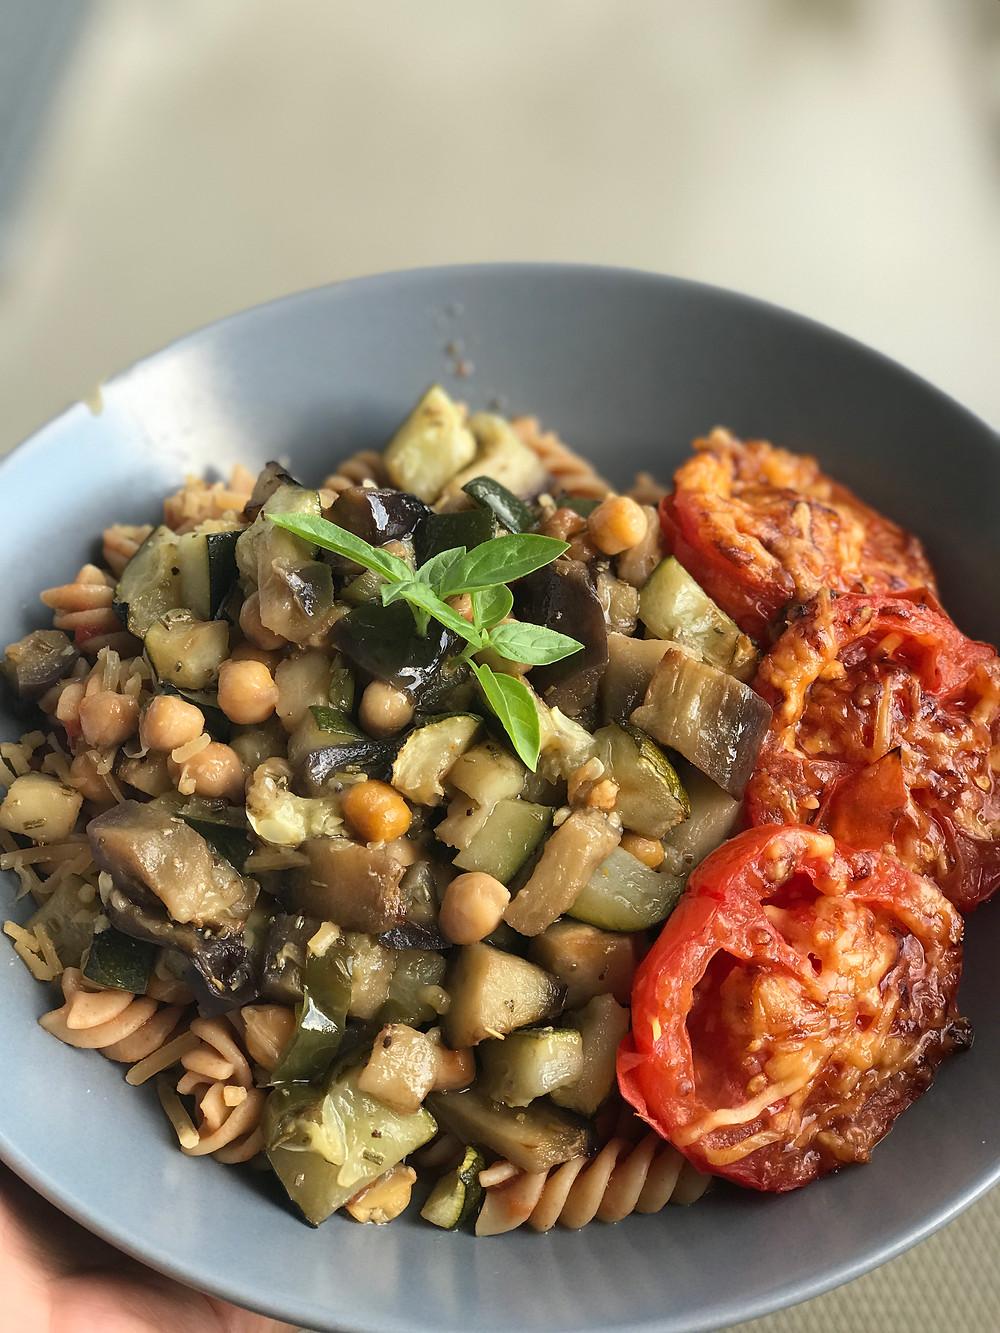 online diets dieetadvies afvallen vegetarisch vezelrijk